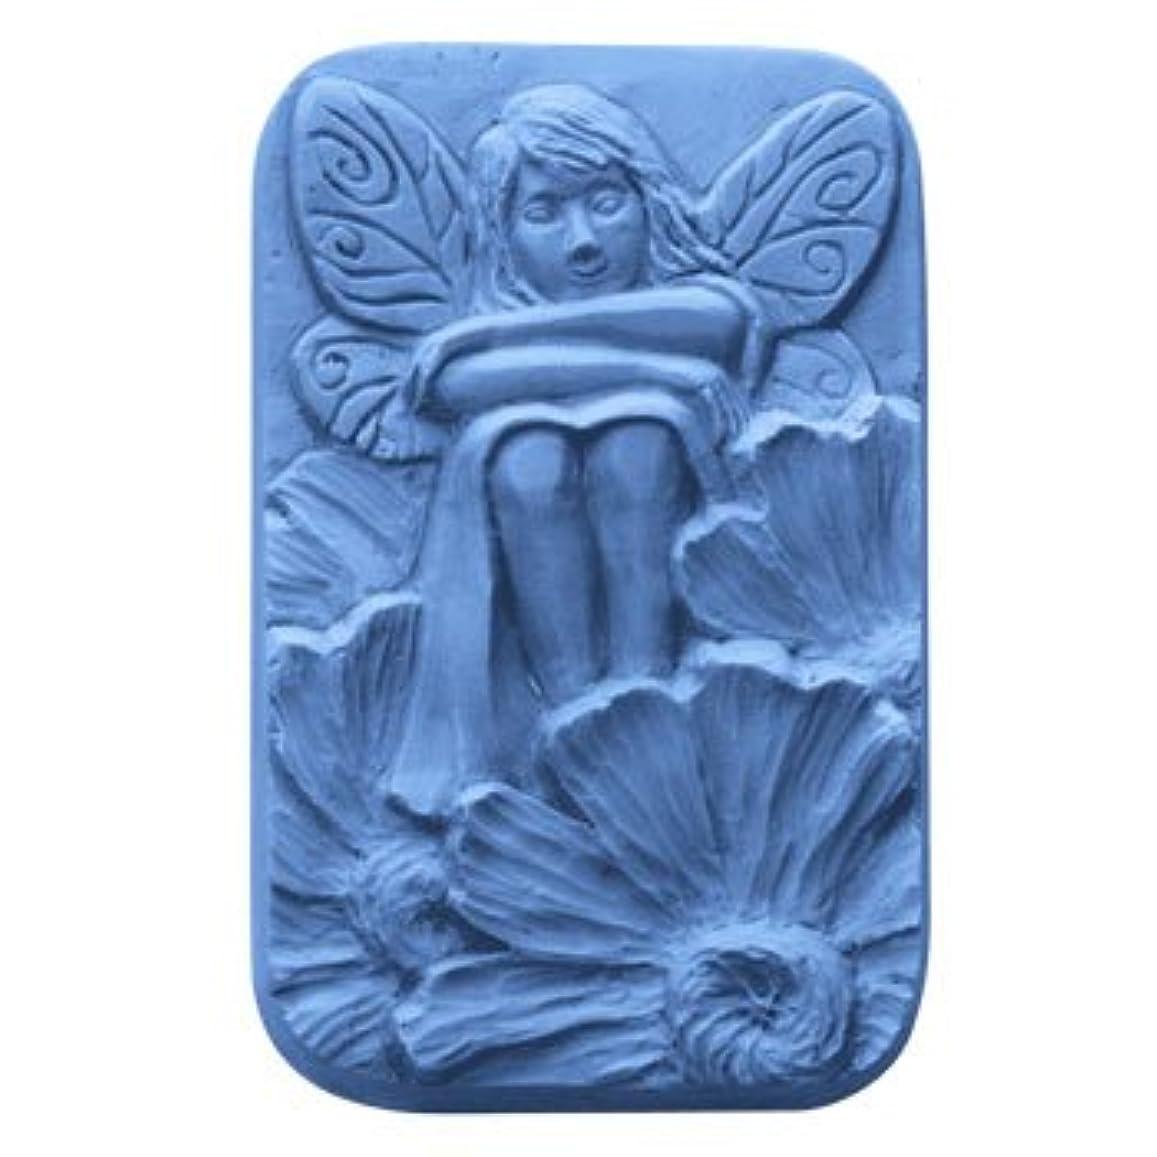 結婚する剪断詳細なミルキーウェイ フェアリー[妖精] 【ソープモールド/石鹸型/シートモールド】